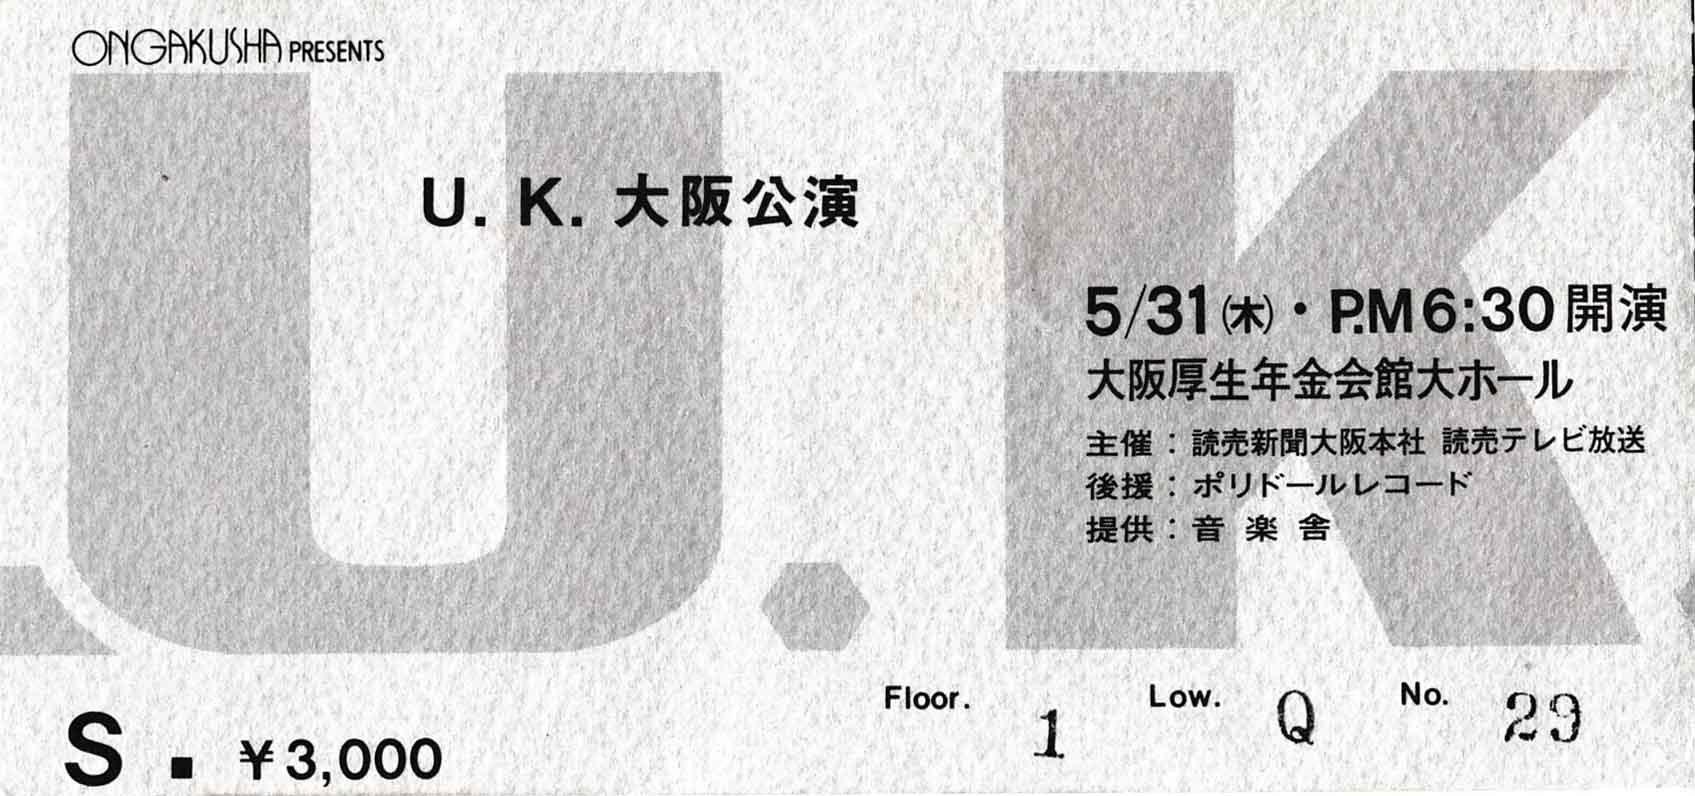 UK コンサ-ト 01